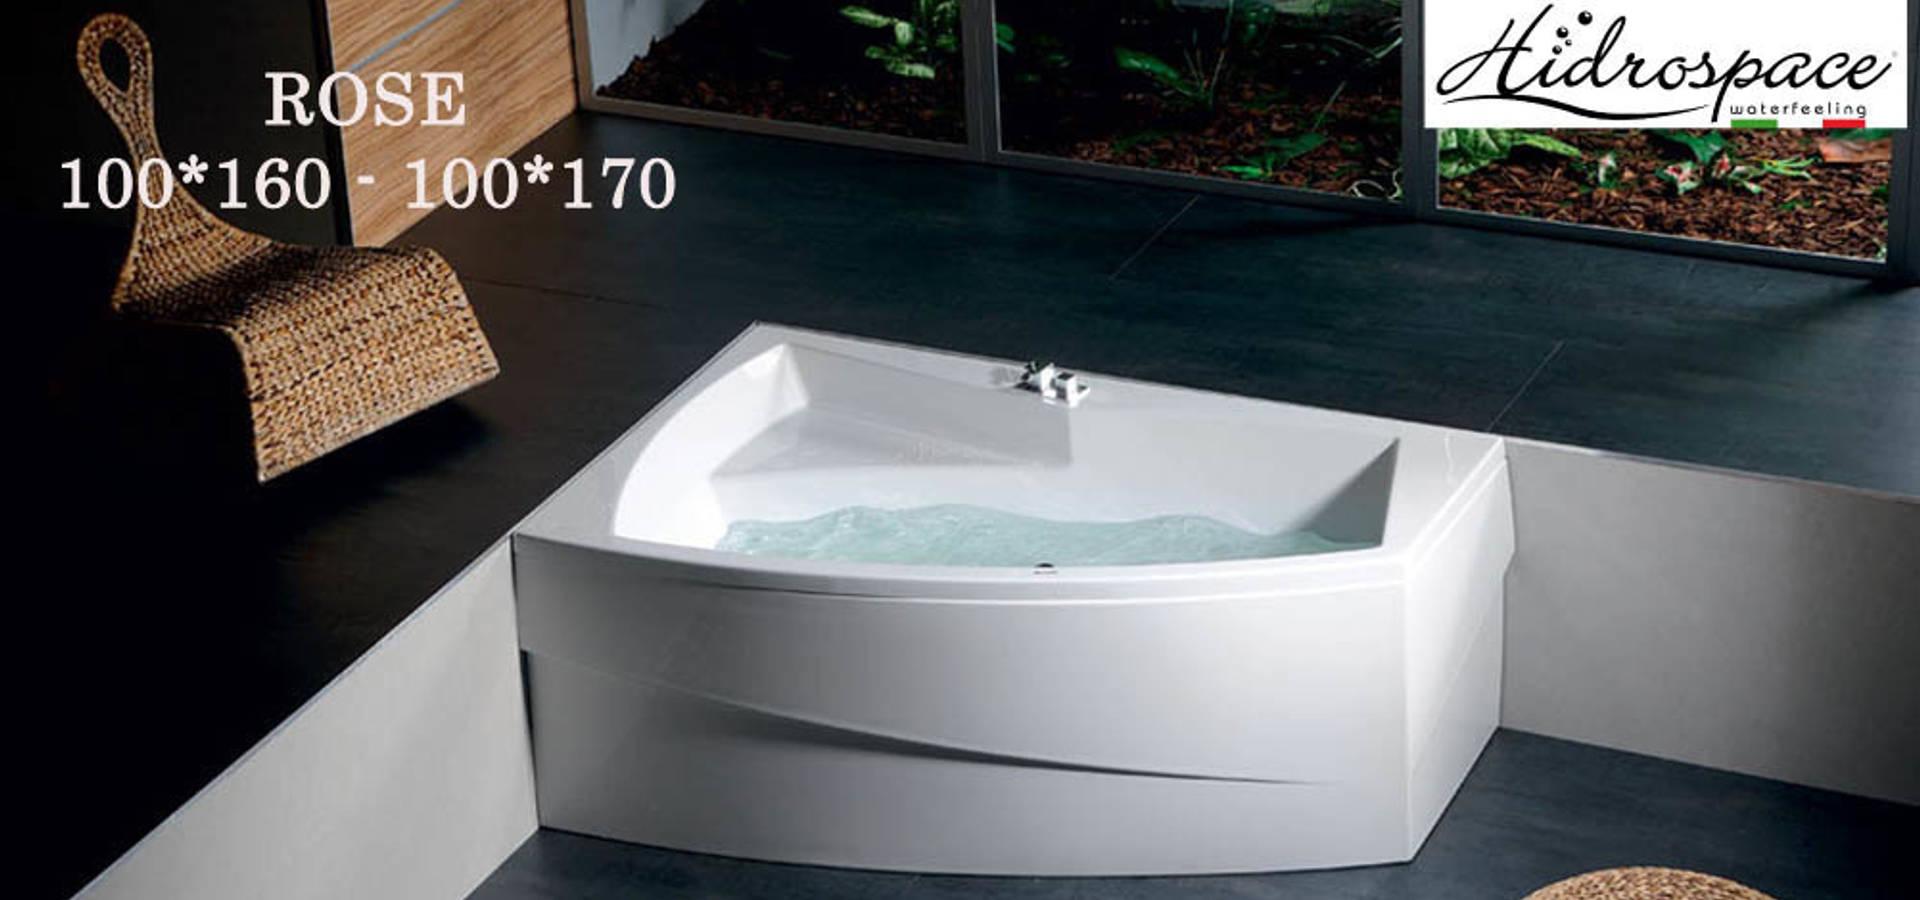 Vasche da bagno vasche idromassaggio by hidrospace homify - Vasche da bagno rotonde ...